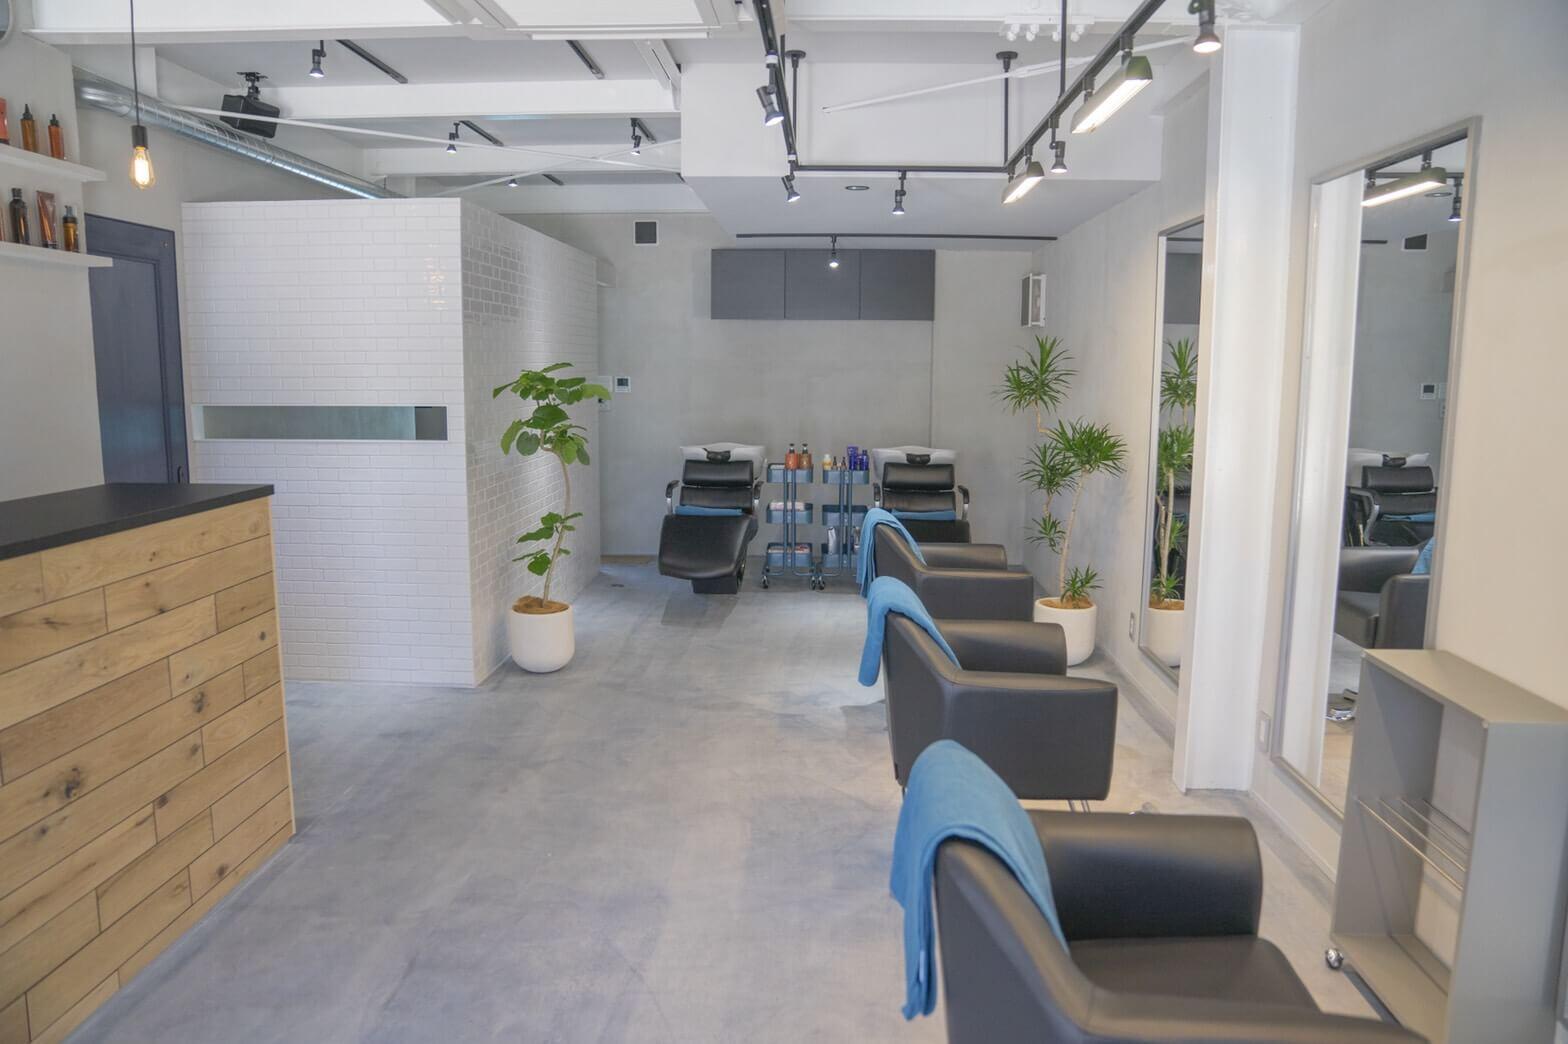 IMG_0204 美容院の店舗デザインをおしゃれにしよう!ポイントをお伝えします!